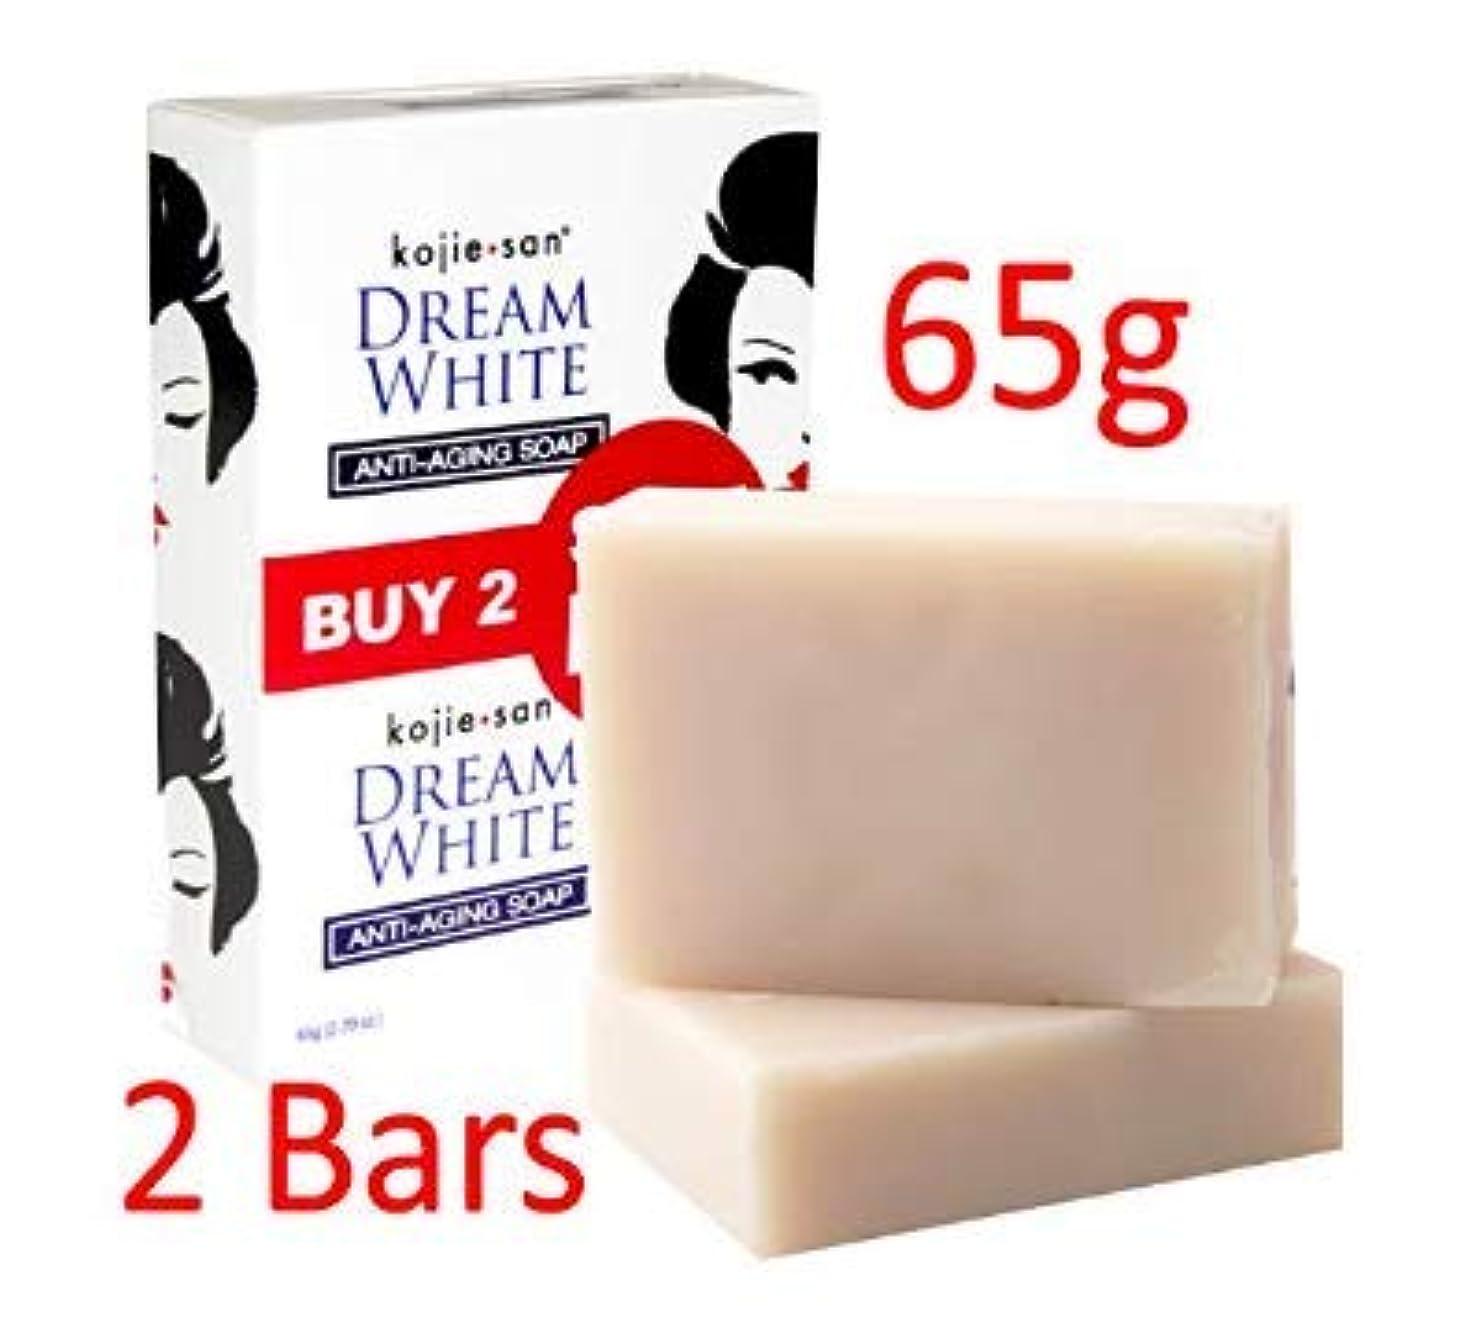 離婚キャスト割り当てお得な2個パック Kojie san soap Dream White 2pcs こじえさん ドリームホワイト 1個65g [並行輸入品]